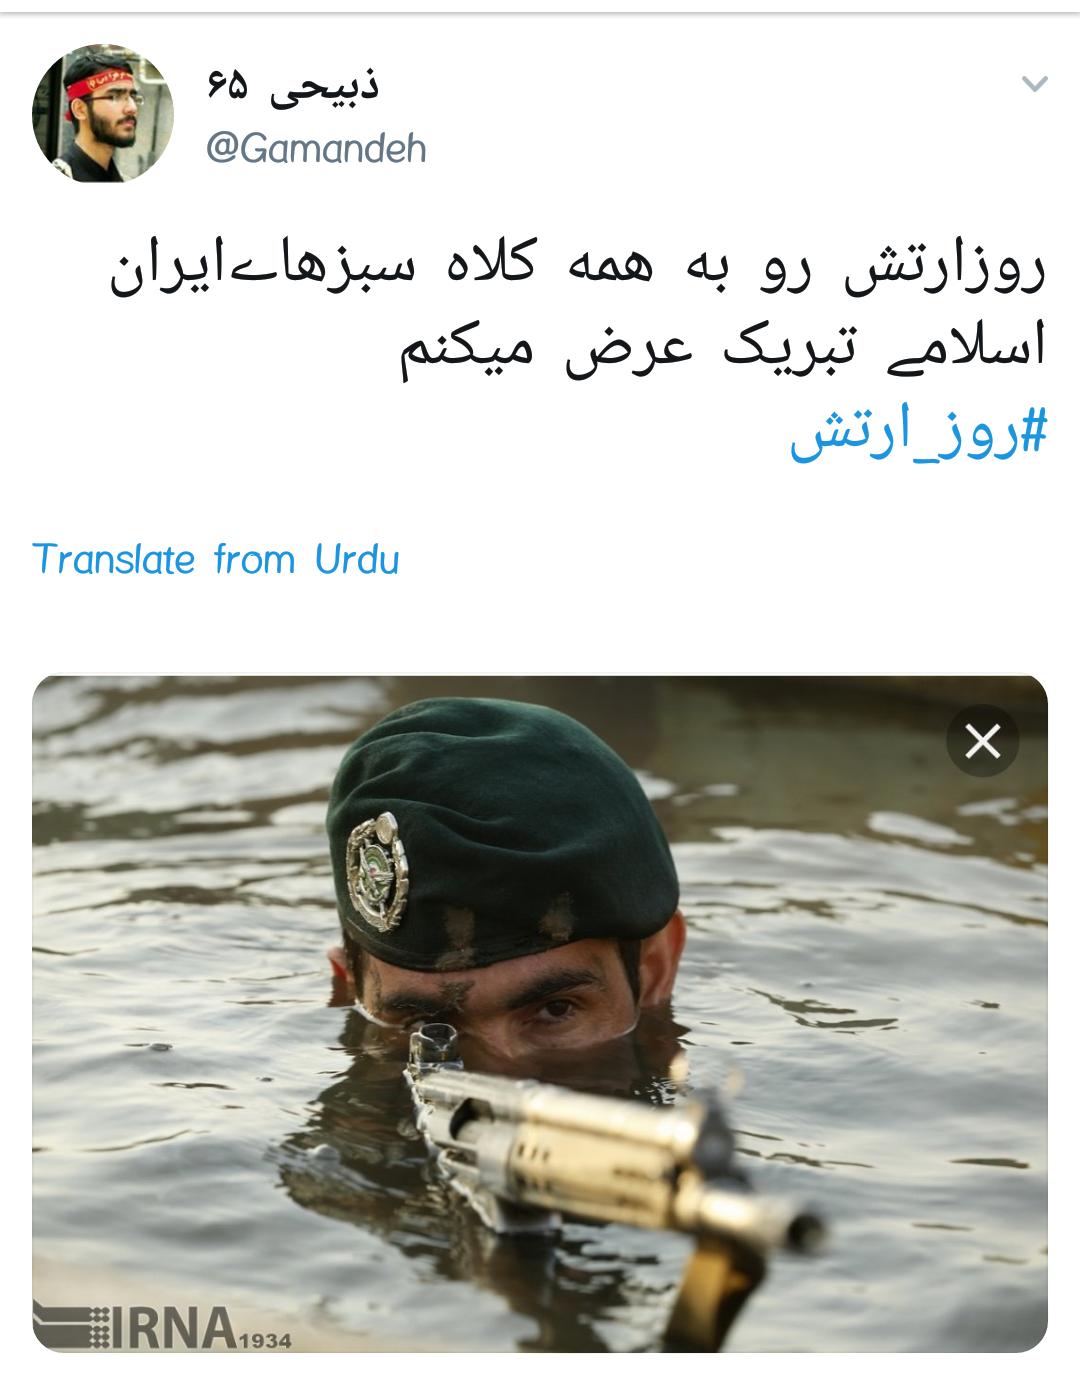 #ارتش / روز خورشید های کلاه سبز روزهای خاکستری دفاع +تصاویر